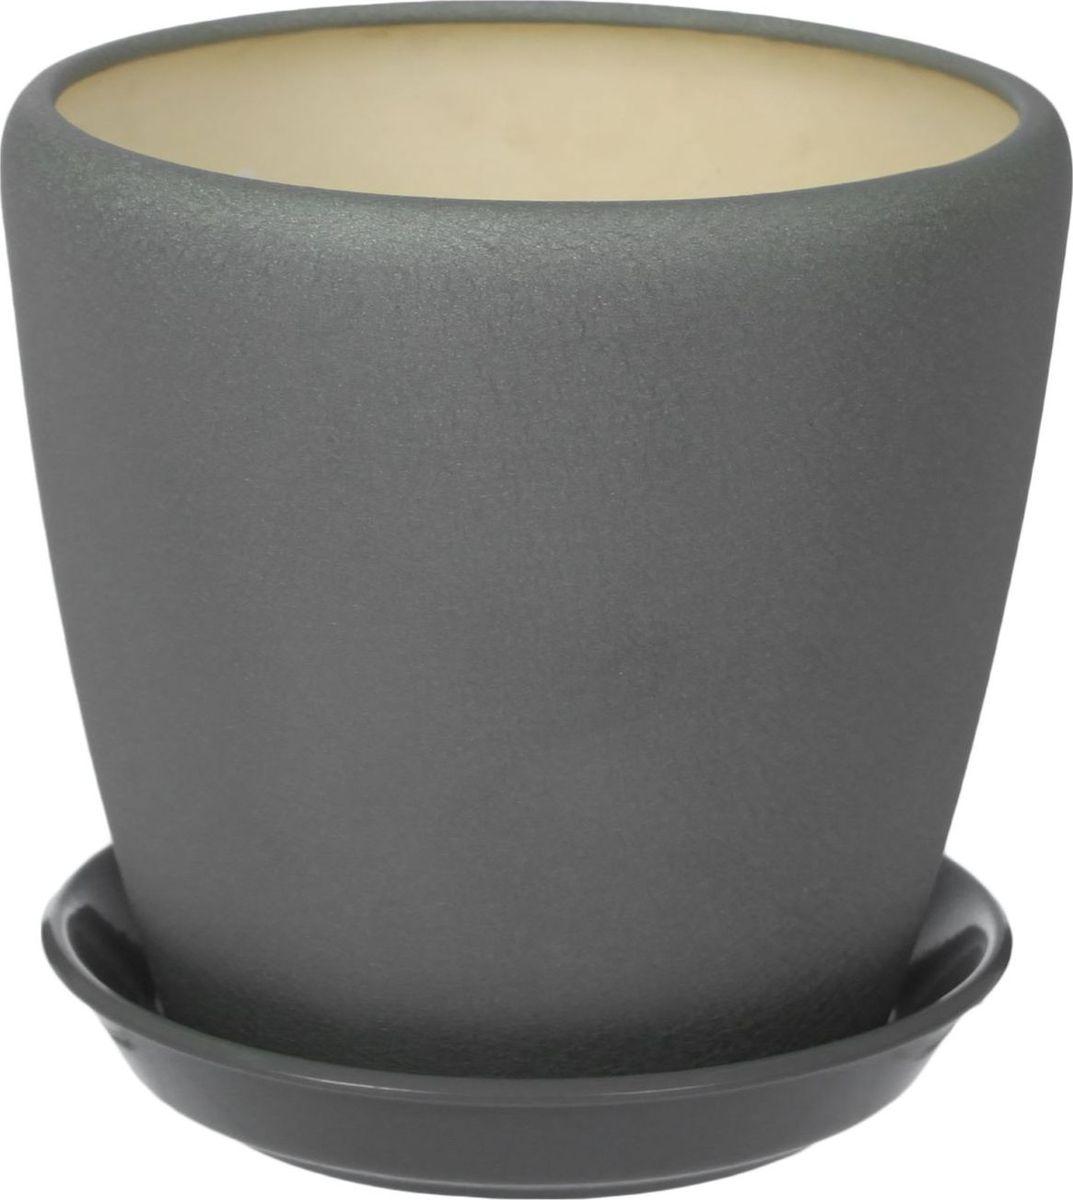 Кашпо Керамика ручной работы Грация, цвет: серебристый, 4,5 л1309272Комнатные растения - всеобщие любимцы. Они радуют глаз, насыщают помещение кислородом и украшают пространство. Каждому из них необходим свой удобный и красивый дом. Кашпо из керамики прекрасно подходят для высадки растений:пористый материал позволяет испаряться лишней влаге;воздух, необходимый для дыхания корней, проникает сквозь керамические стенки. Кашпо Грация позаботится о зеленом питомце, освежит интерьер и подчеркнет его стиль.